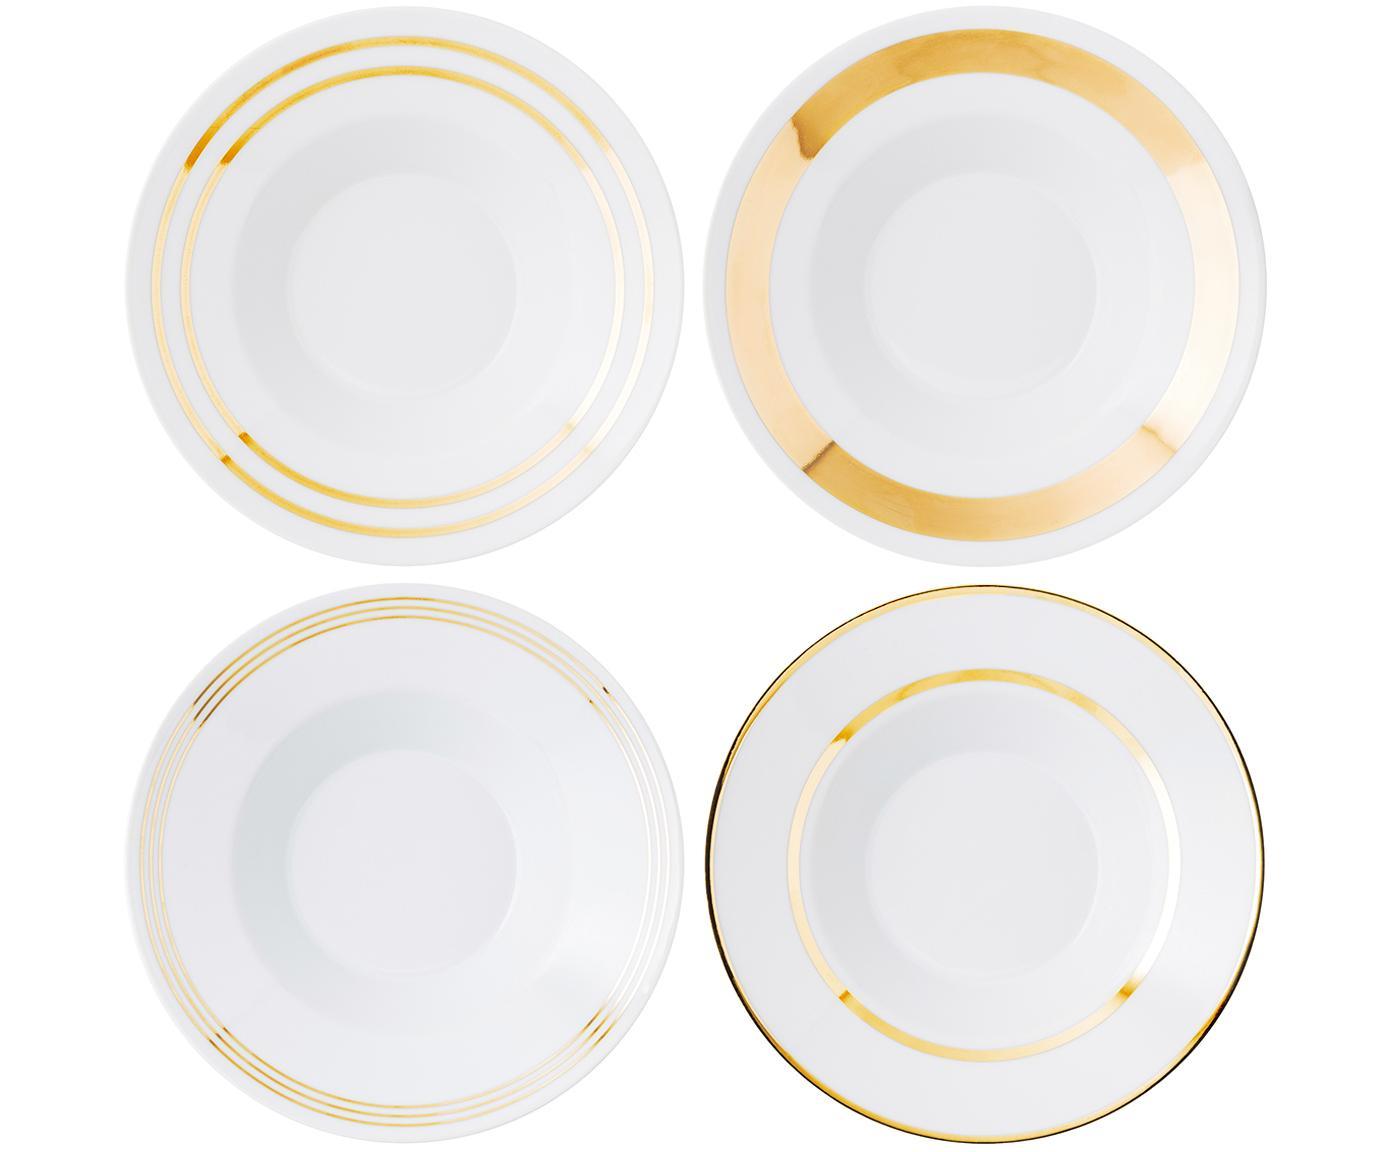 Komplet talerzy głębokich Deco, 4 elem., Porcelana, Biały, odcienie złotego, Ø 24 x W 10 cm